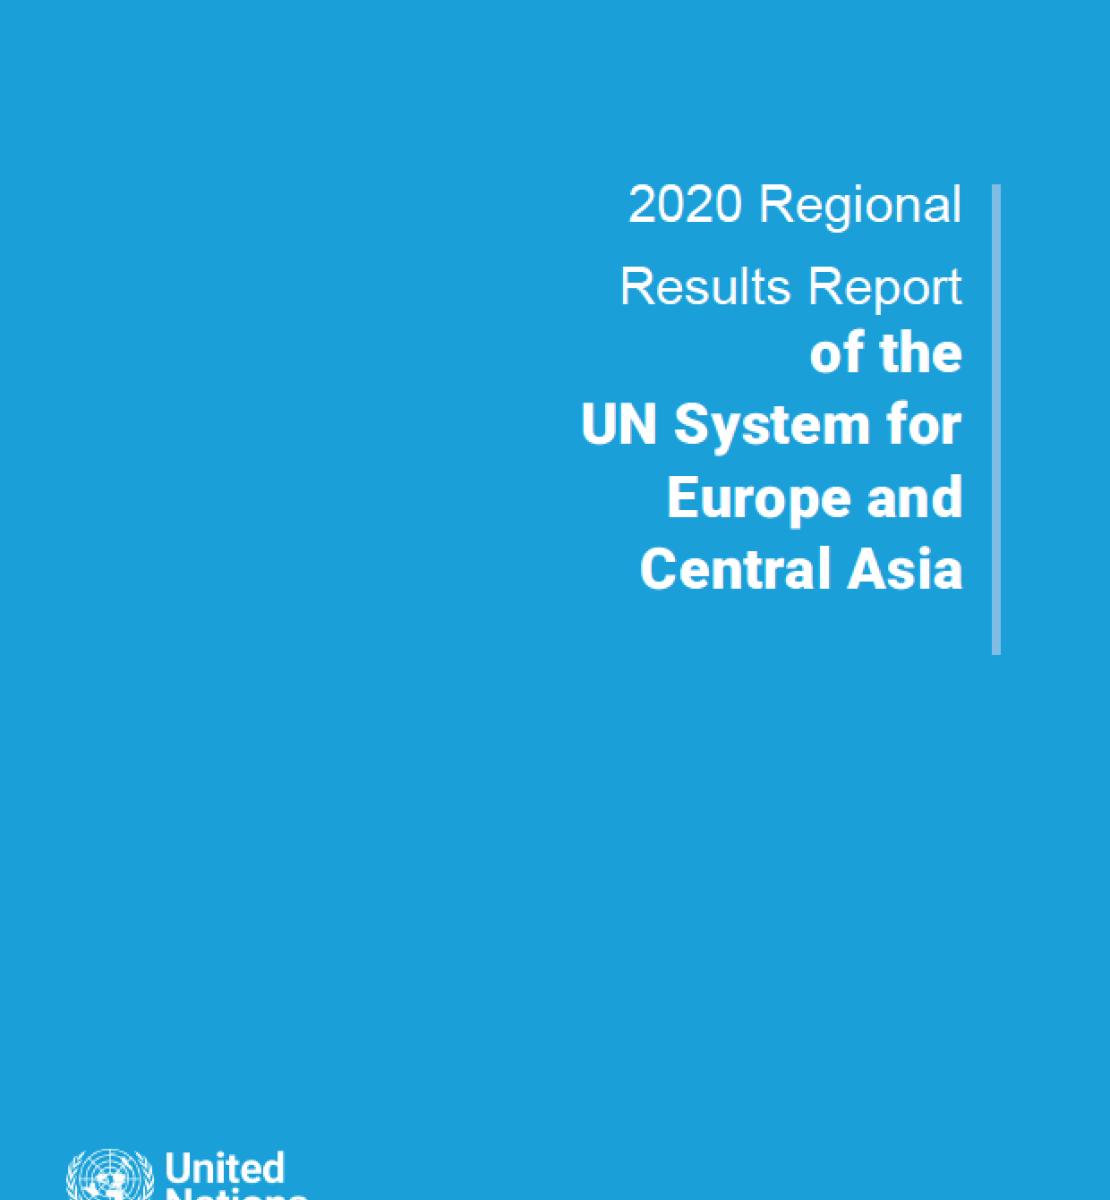 """Page de couverture d'un rapport sur fond bleu sur laquelle figurent, en lettres blanches, le titre """" Rapport sur les résultats régionaux 2020 du système des Nations Unies pour l'Europe et l'Asie centrale """" en anglais, ainsi que le logo de l'ONU, en bas à gauche."""